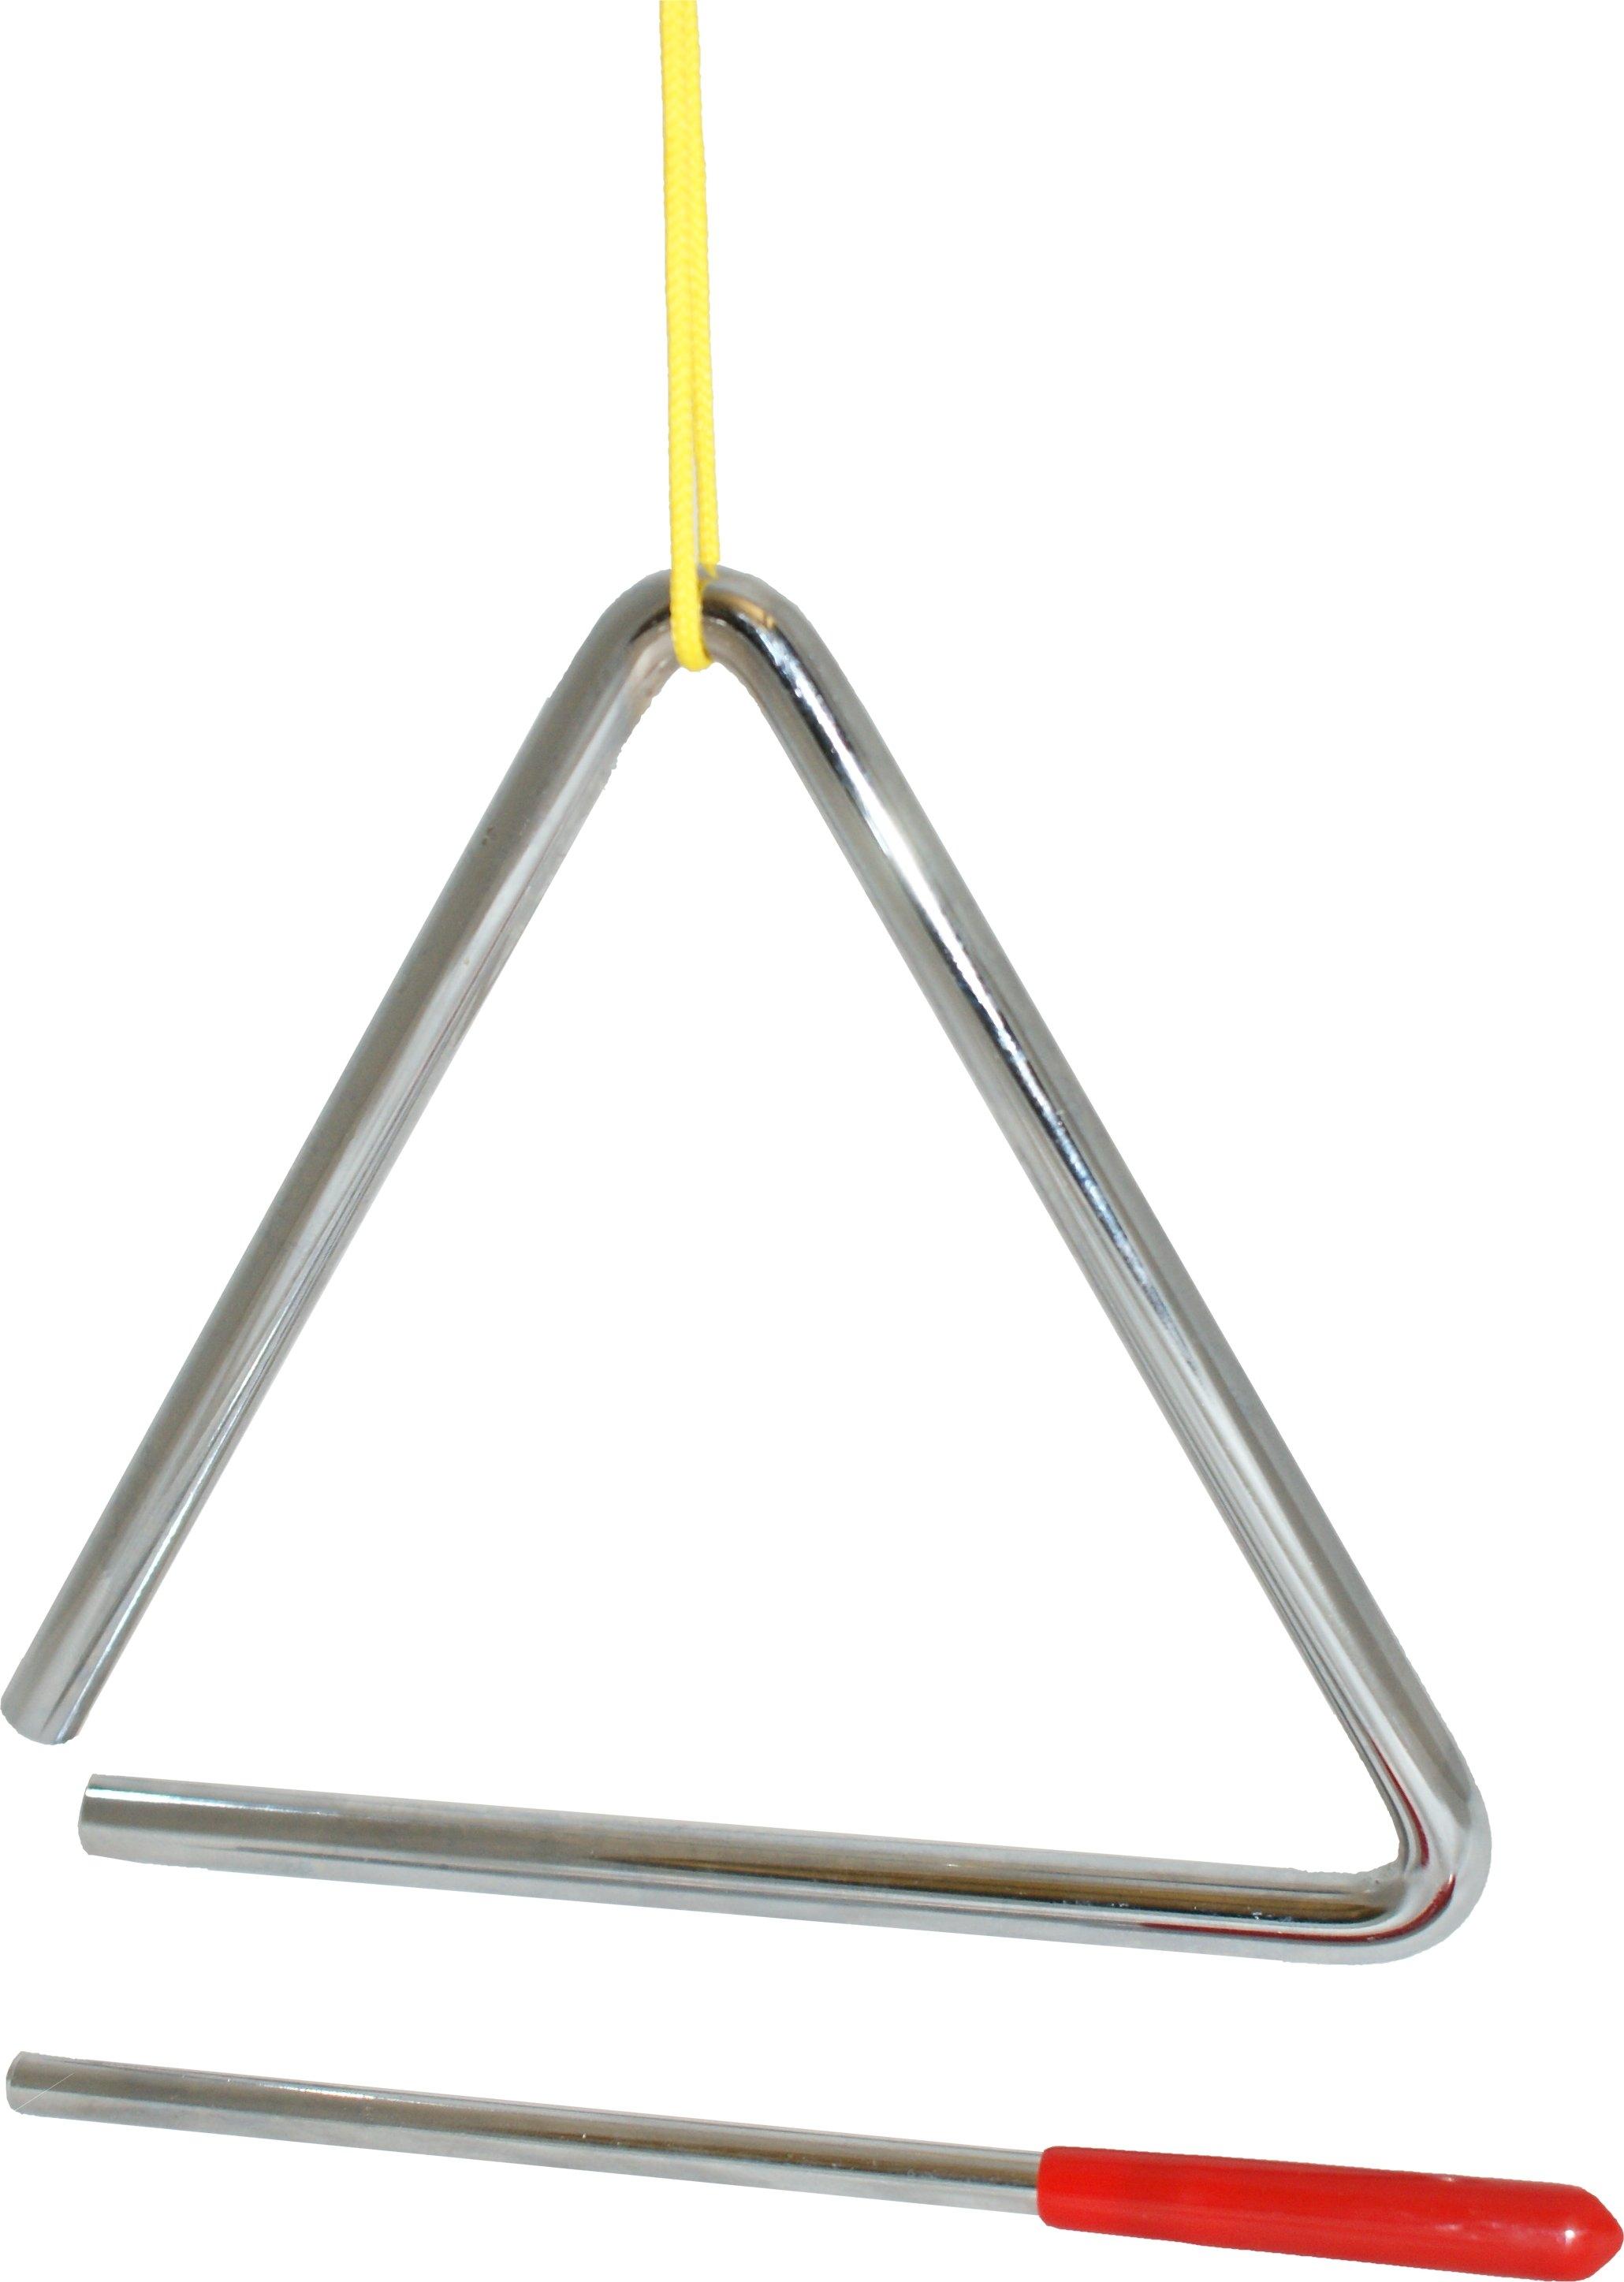 6 Inch Triangle: Percussion